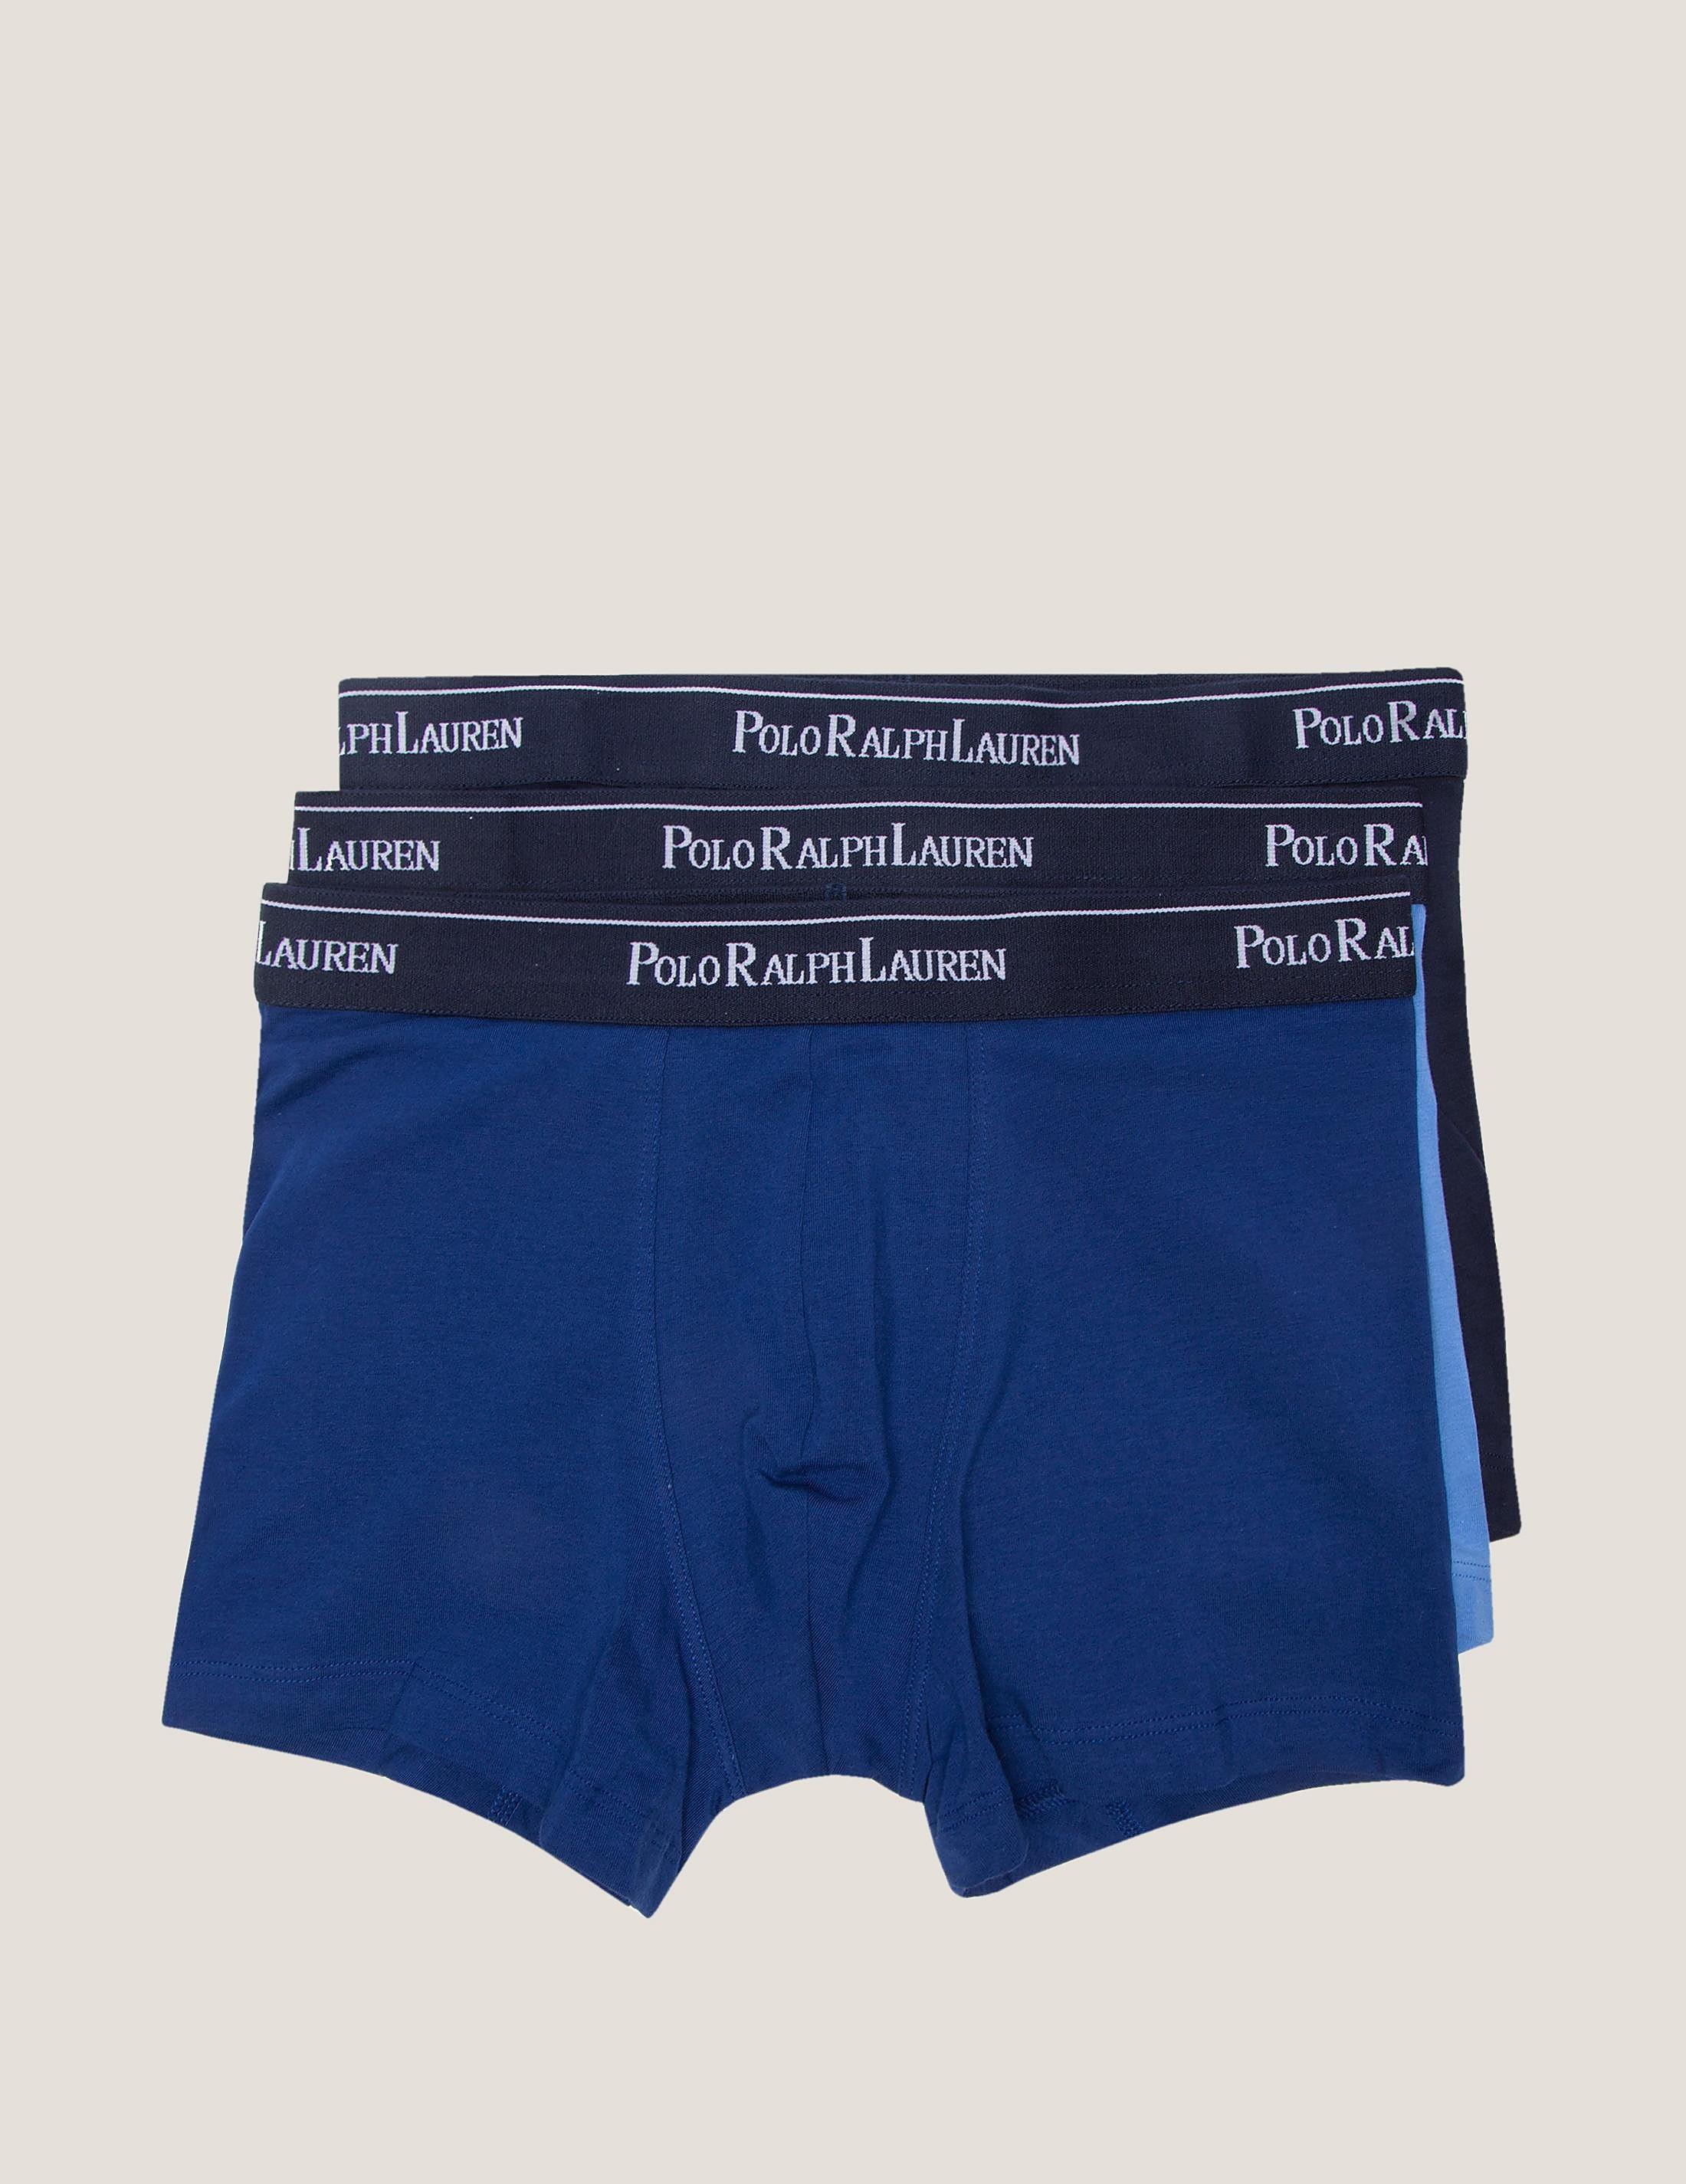 Polo Ralph Lauren 3 Pack Trunk